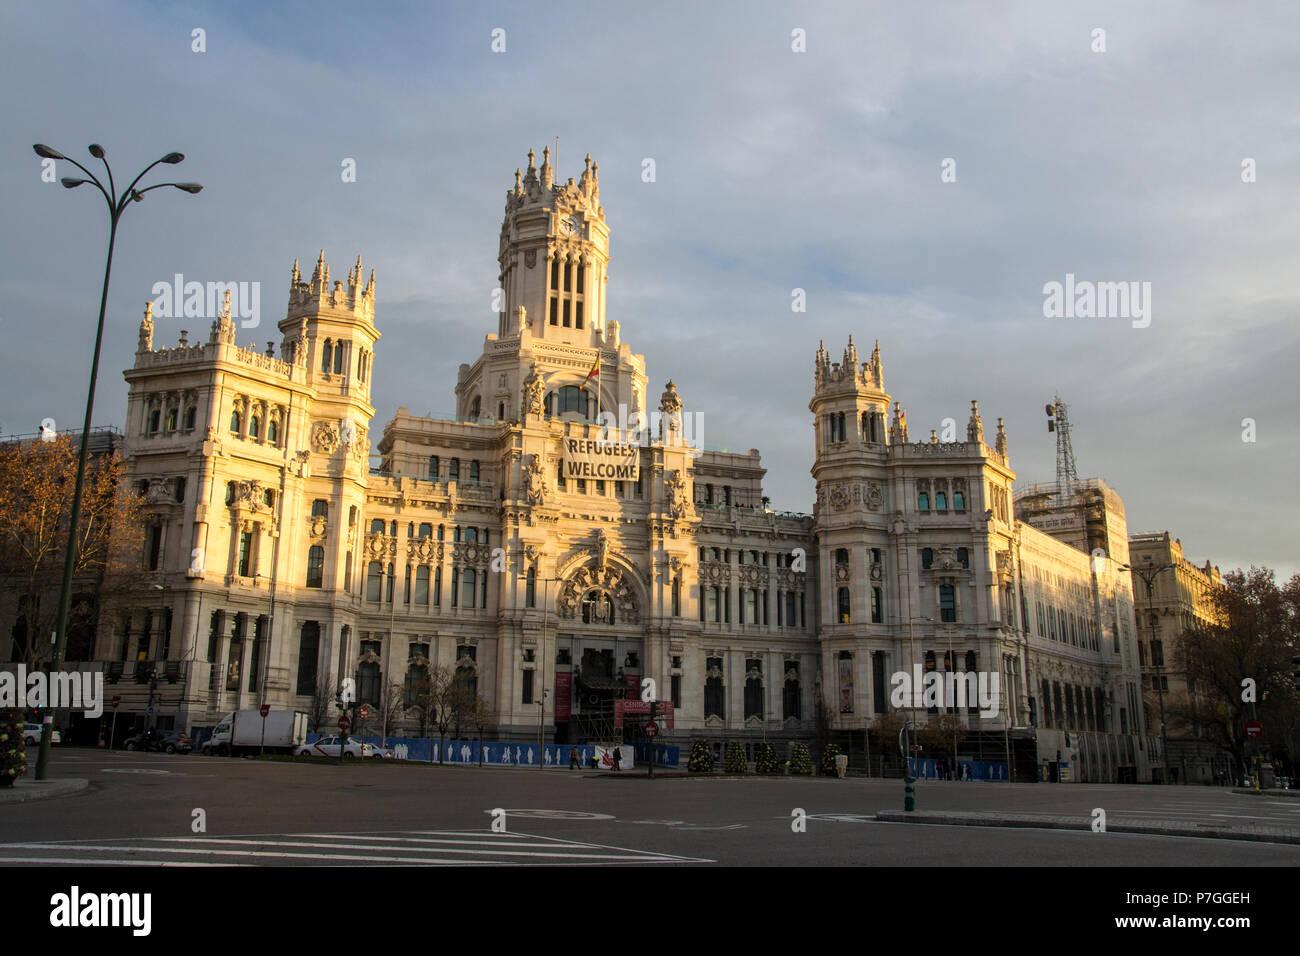 Palacio De Comunicaciones City Hall De La Plaza De Cibeles